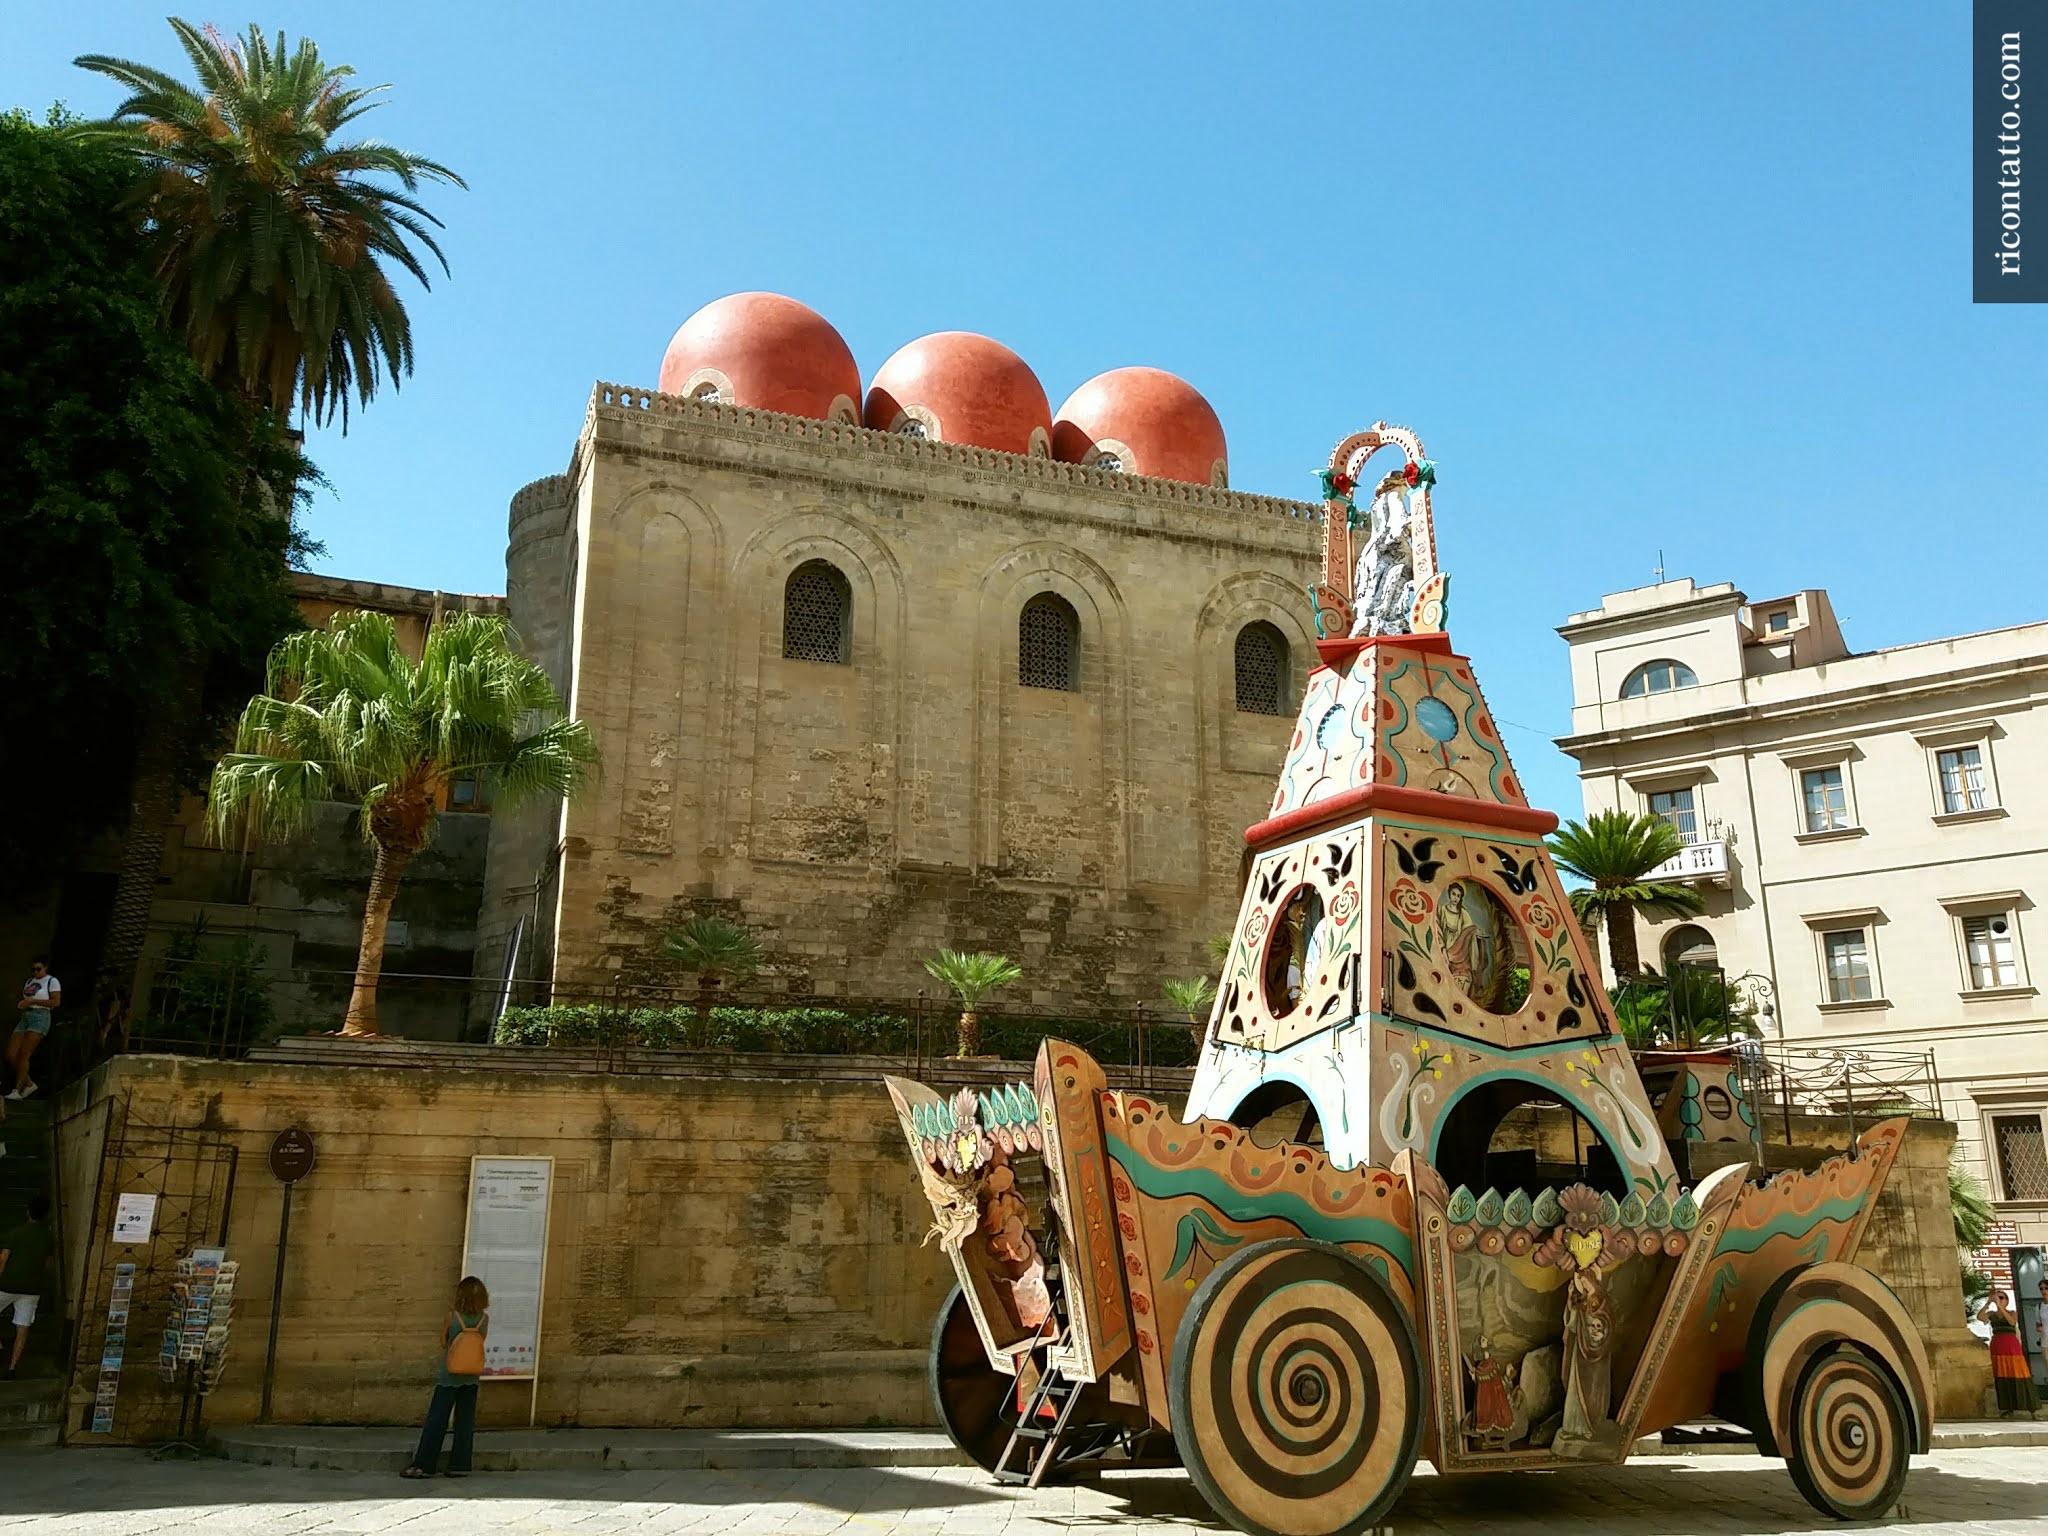 Palermo, Sicilia, Italy - Photo #11 by Ricontatto.com